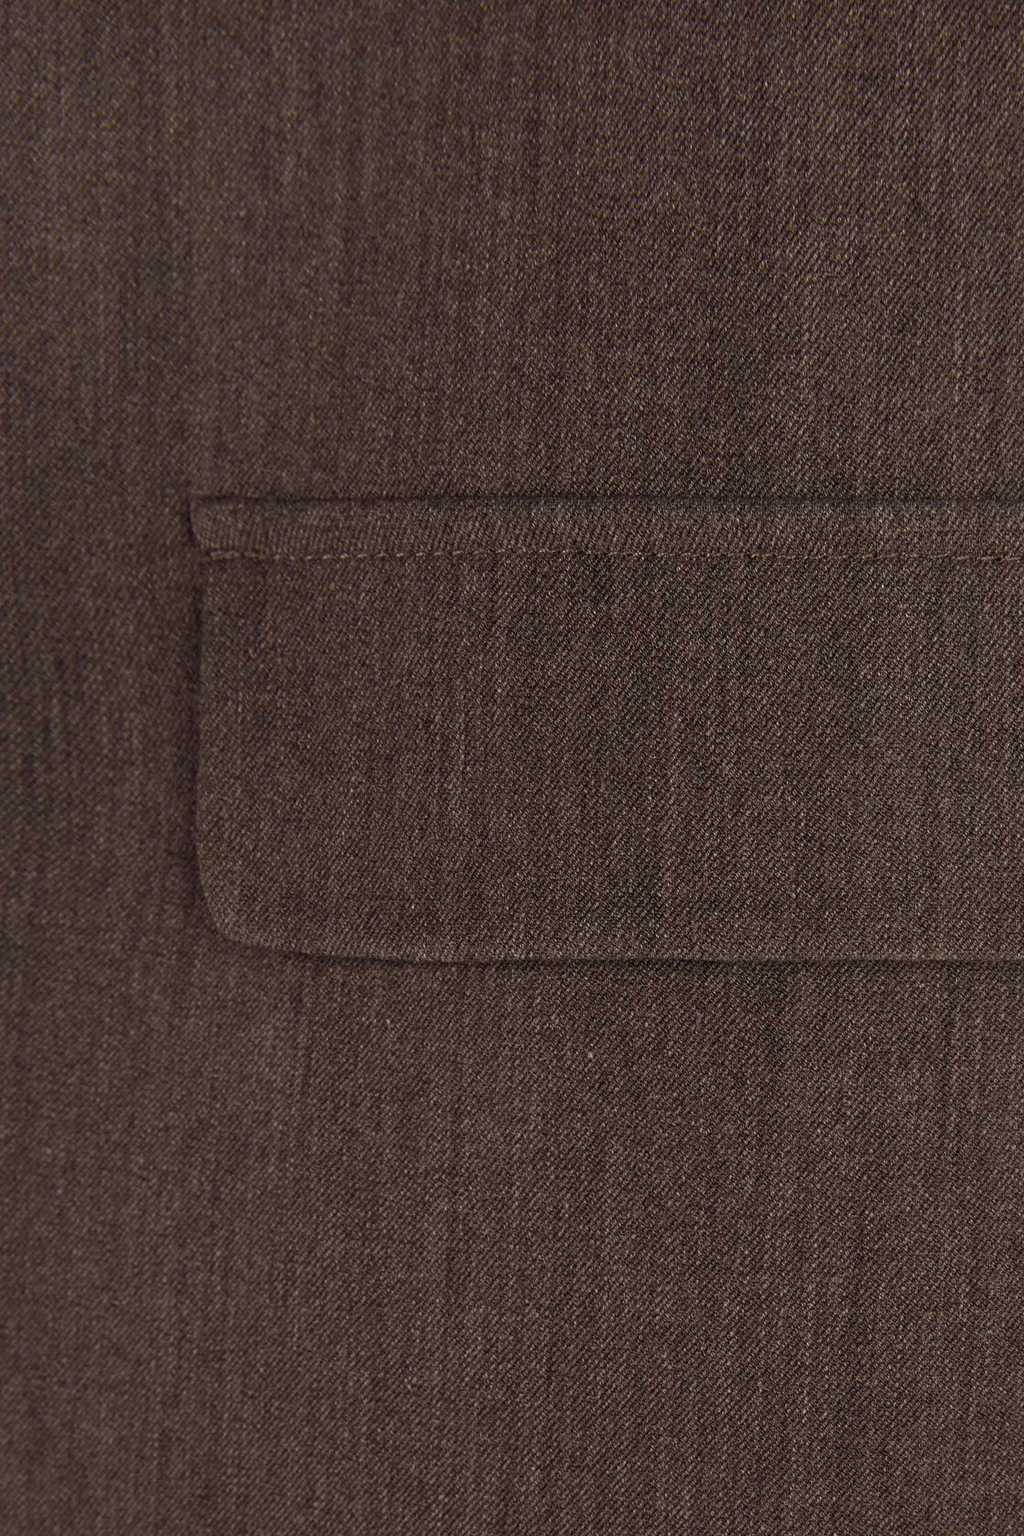 Jacket 3362 Brown 6